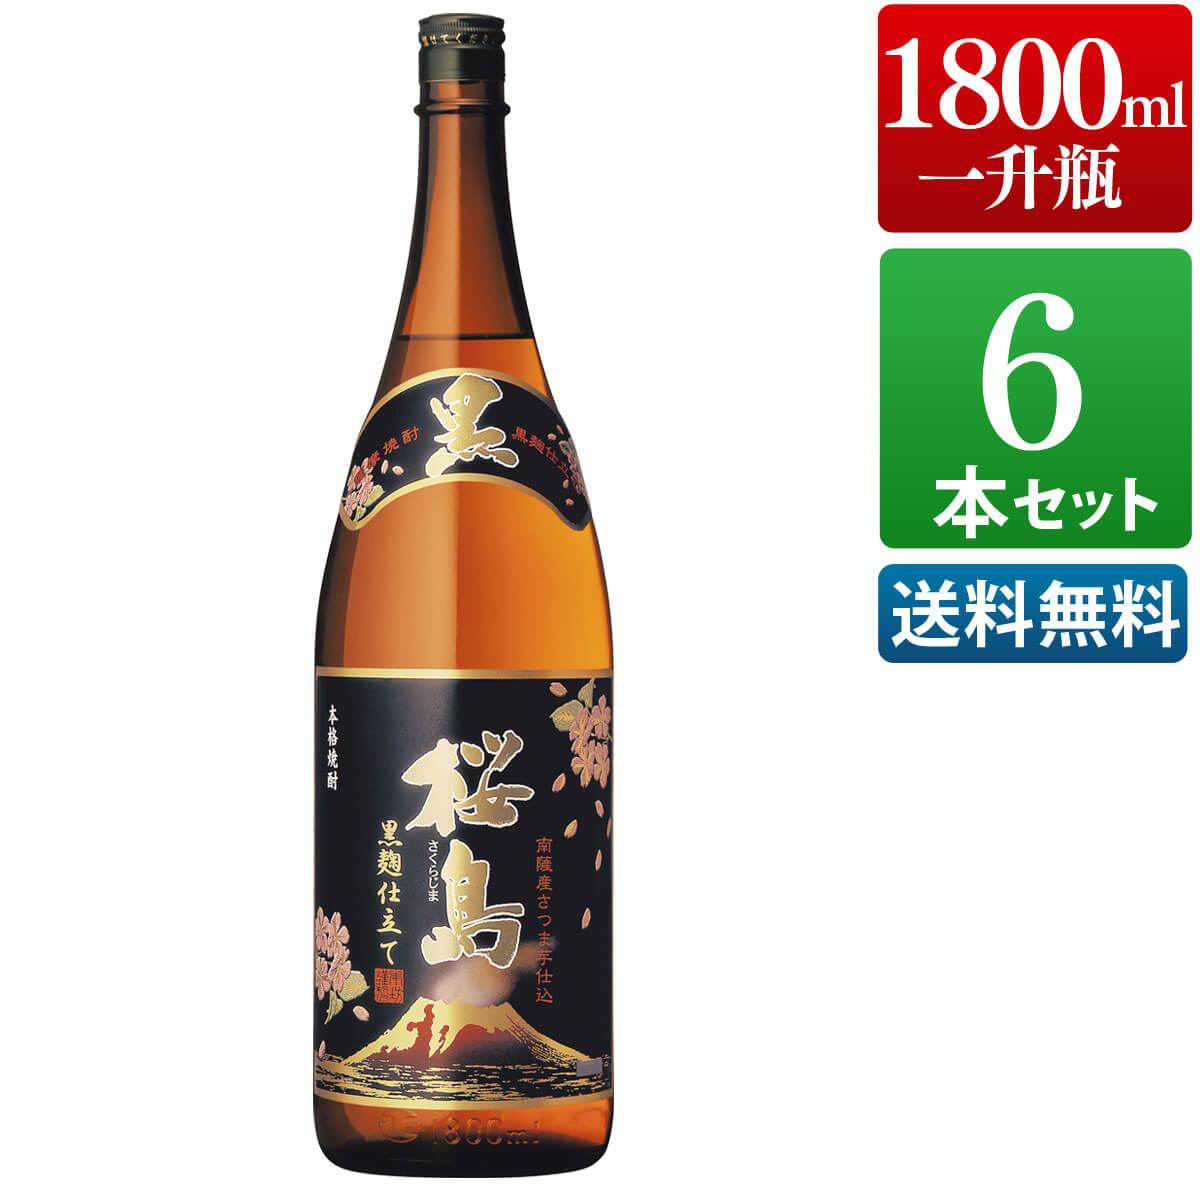 芋焼酎 6本セット 黒麹仕立て 桜島 25度 1800ml [ 本坊酒造 芋焼酎 / 送料無料 ]